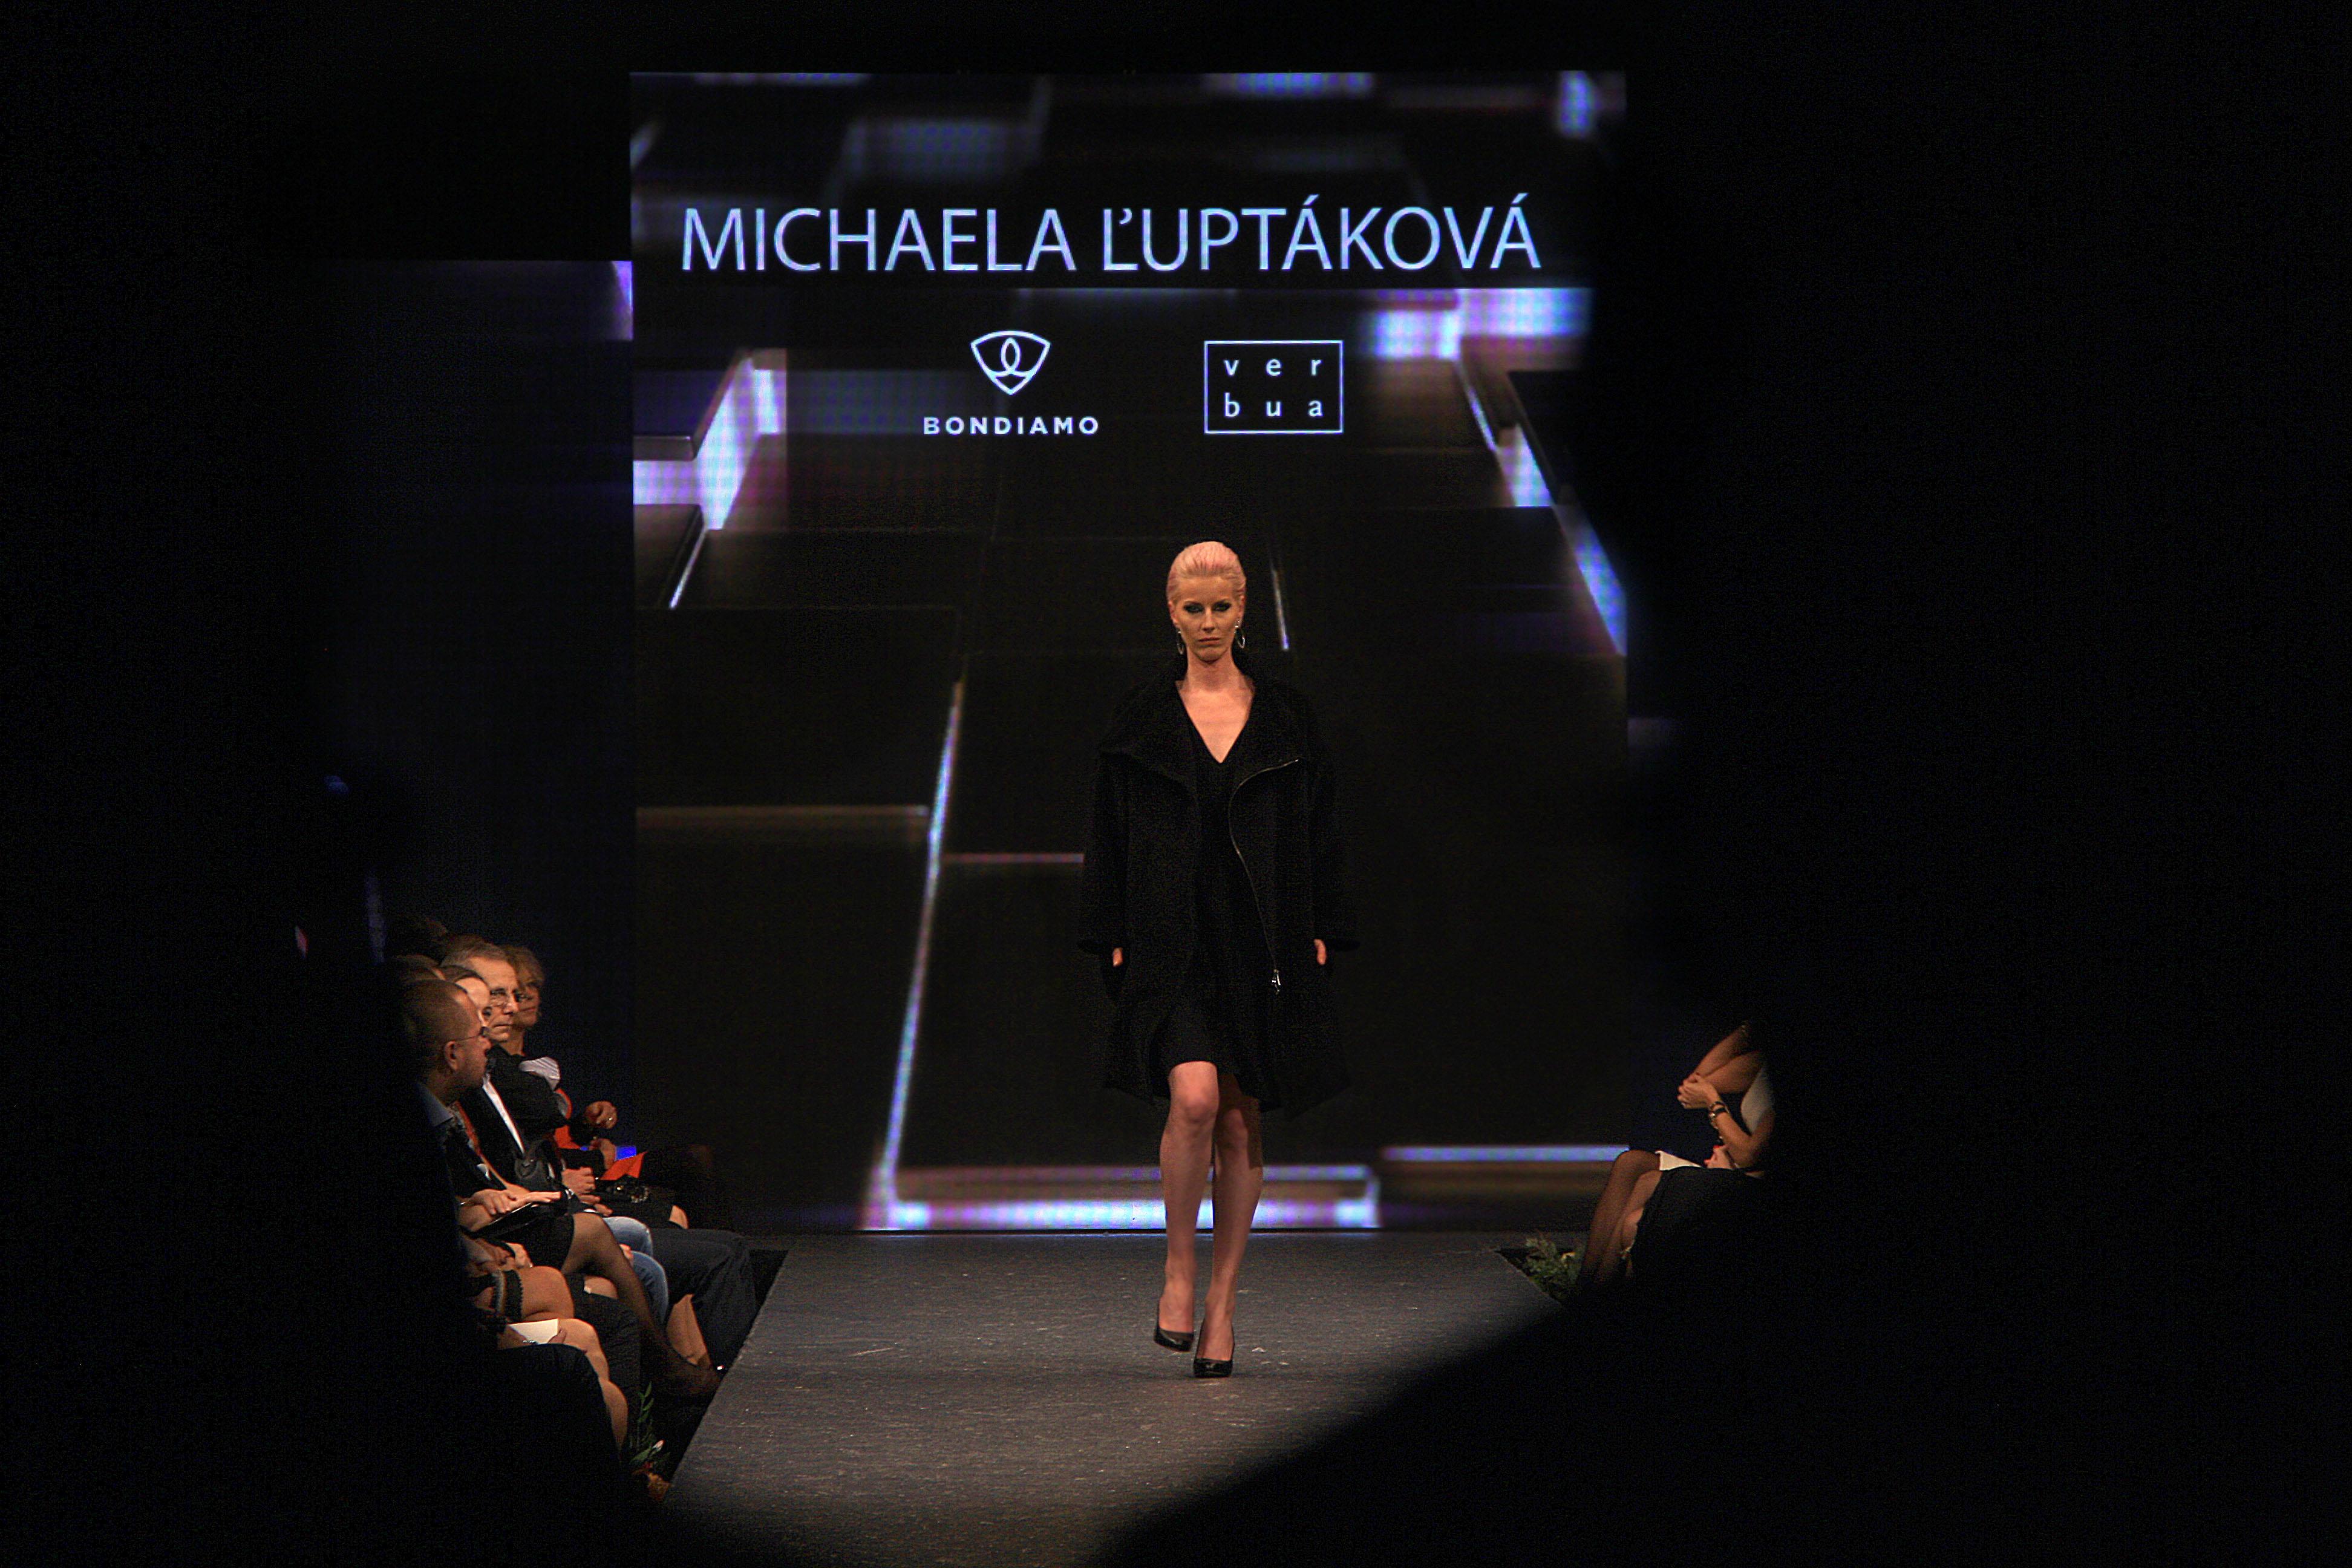 Kolekcia Michaely Ľuptákovej